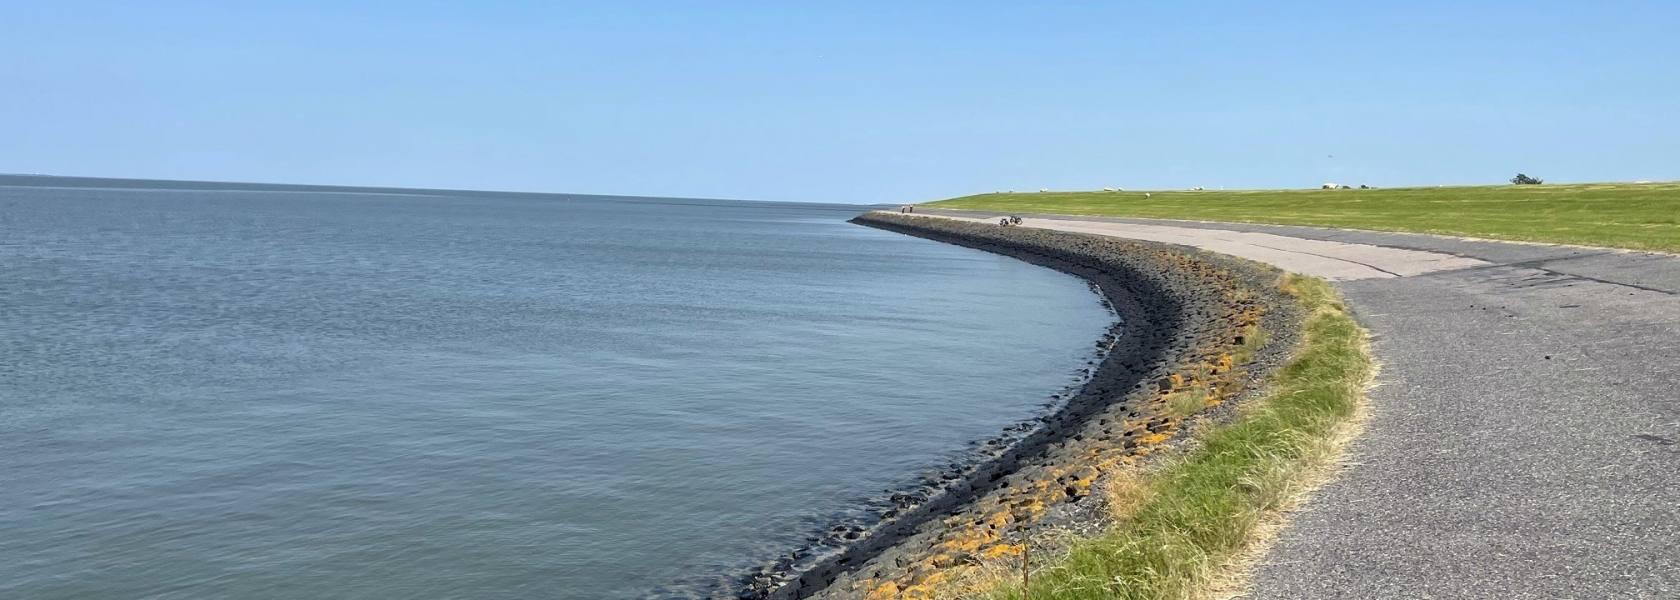 Nordseeküsten-Radweg, © Welttournee für Die Nordsee GmbH